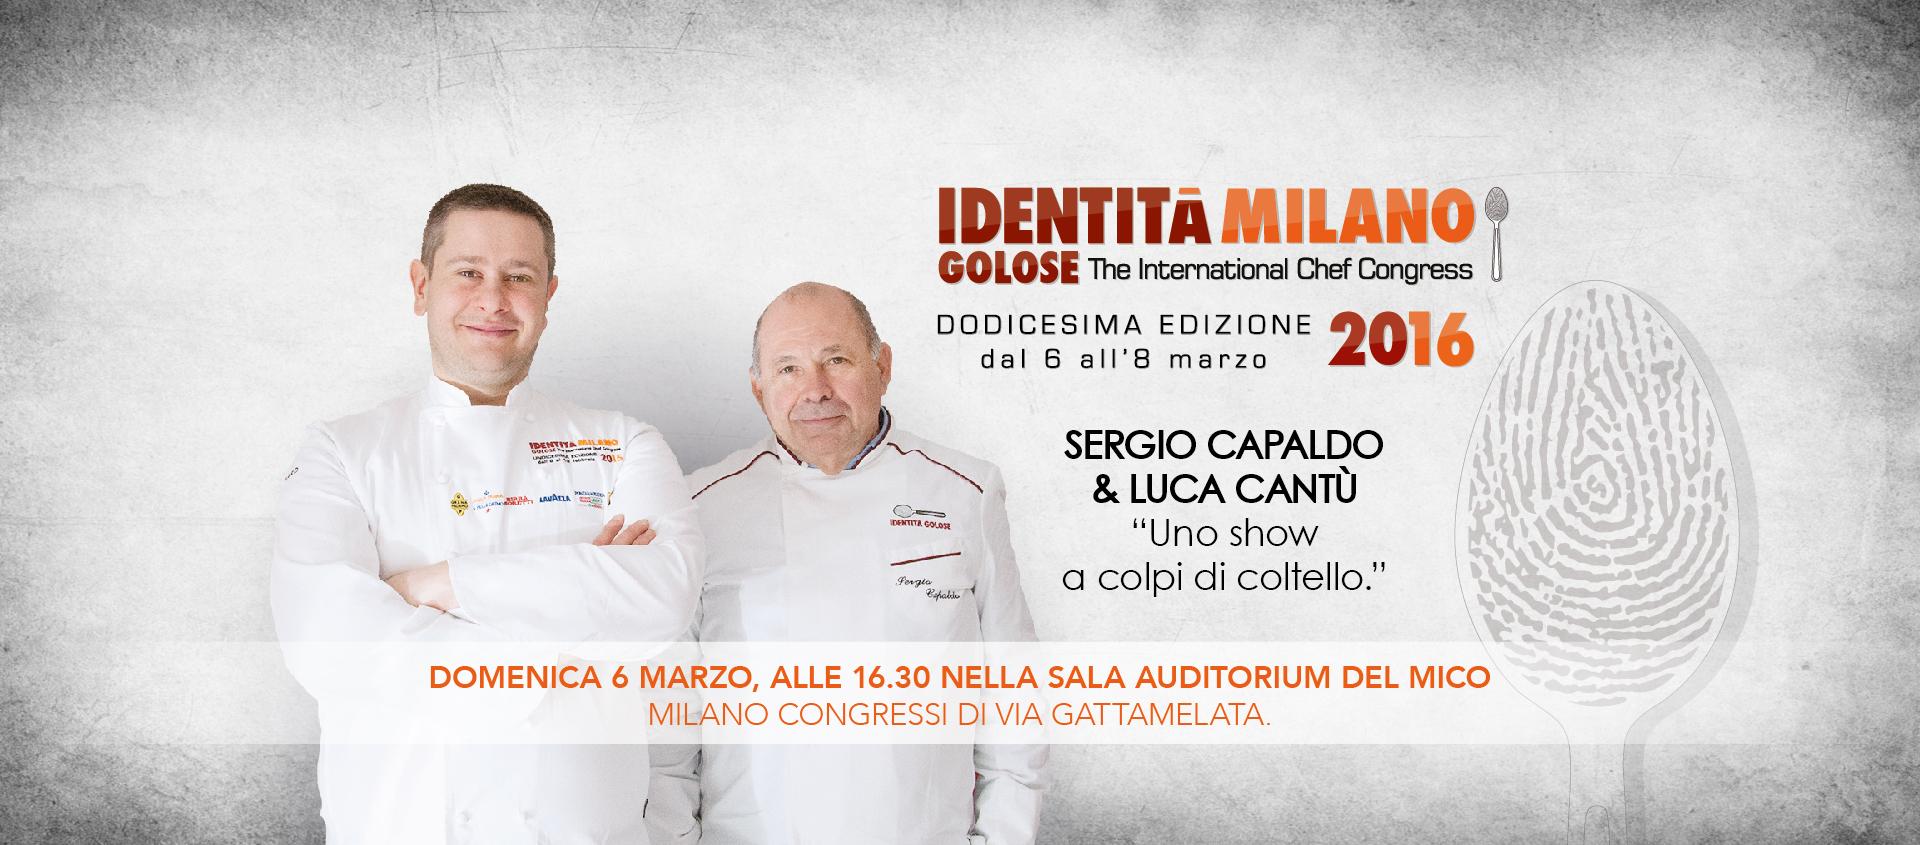 Sergio Capaldo e Luca Cantù a Identità Golose 2016 – Milano